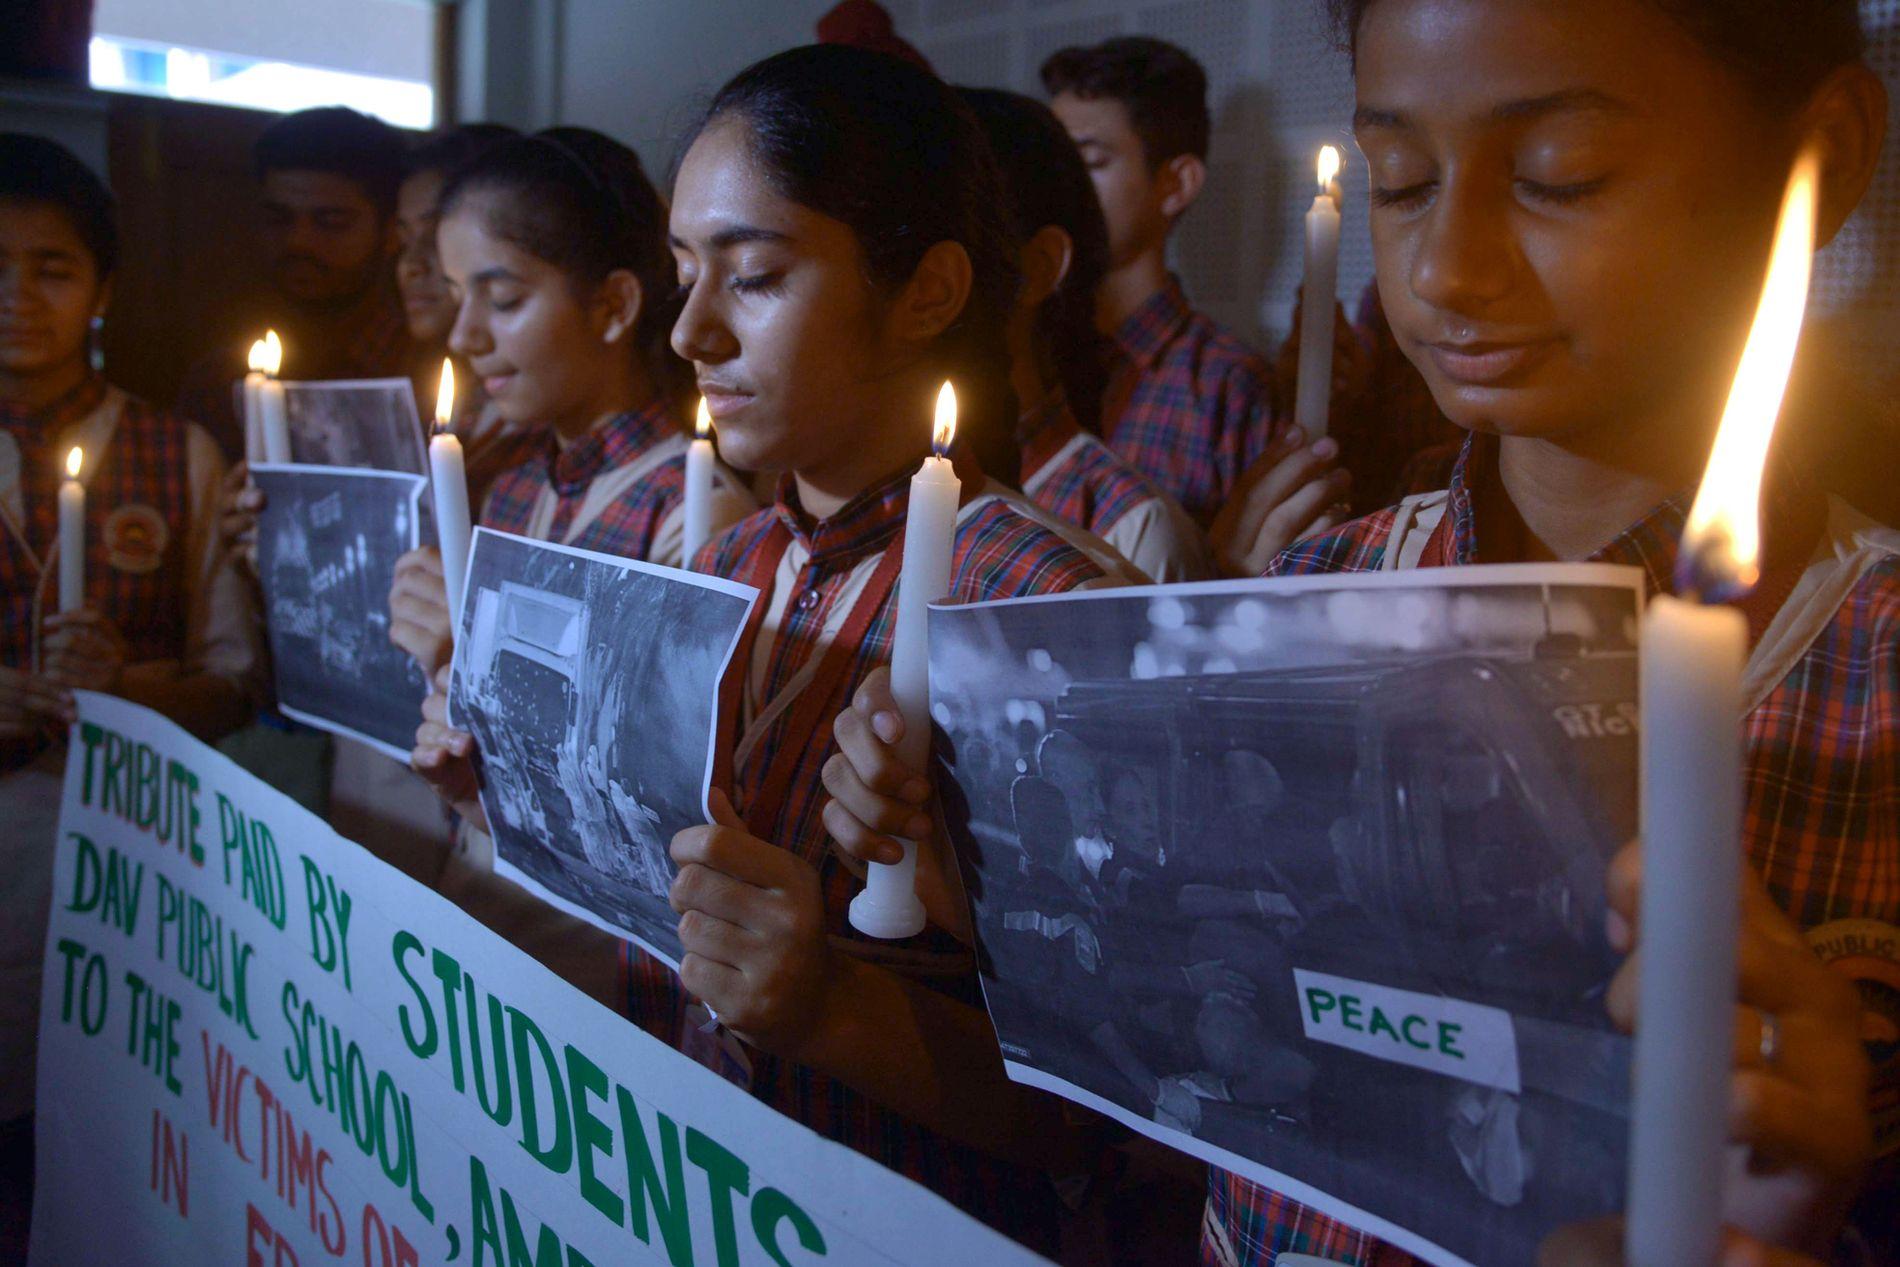 VISER STØTTE: Indiske studenter viser sin støtte til ofrene etter terrorangrepet i Nice.